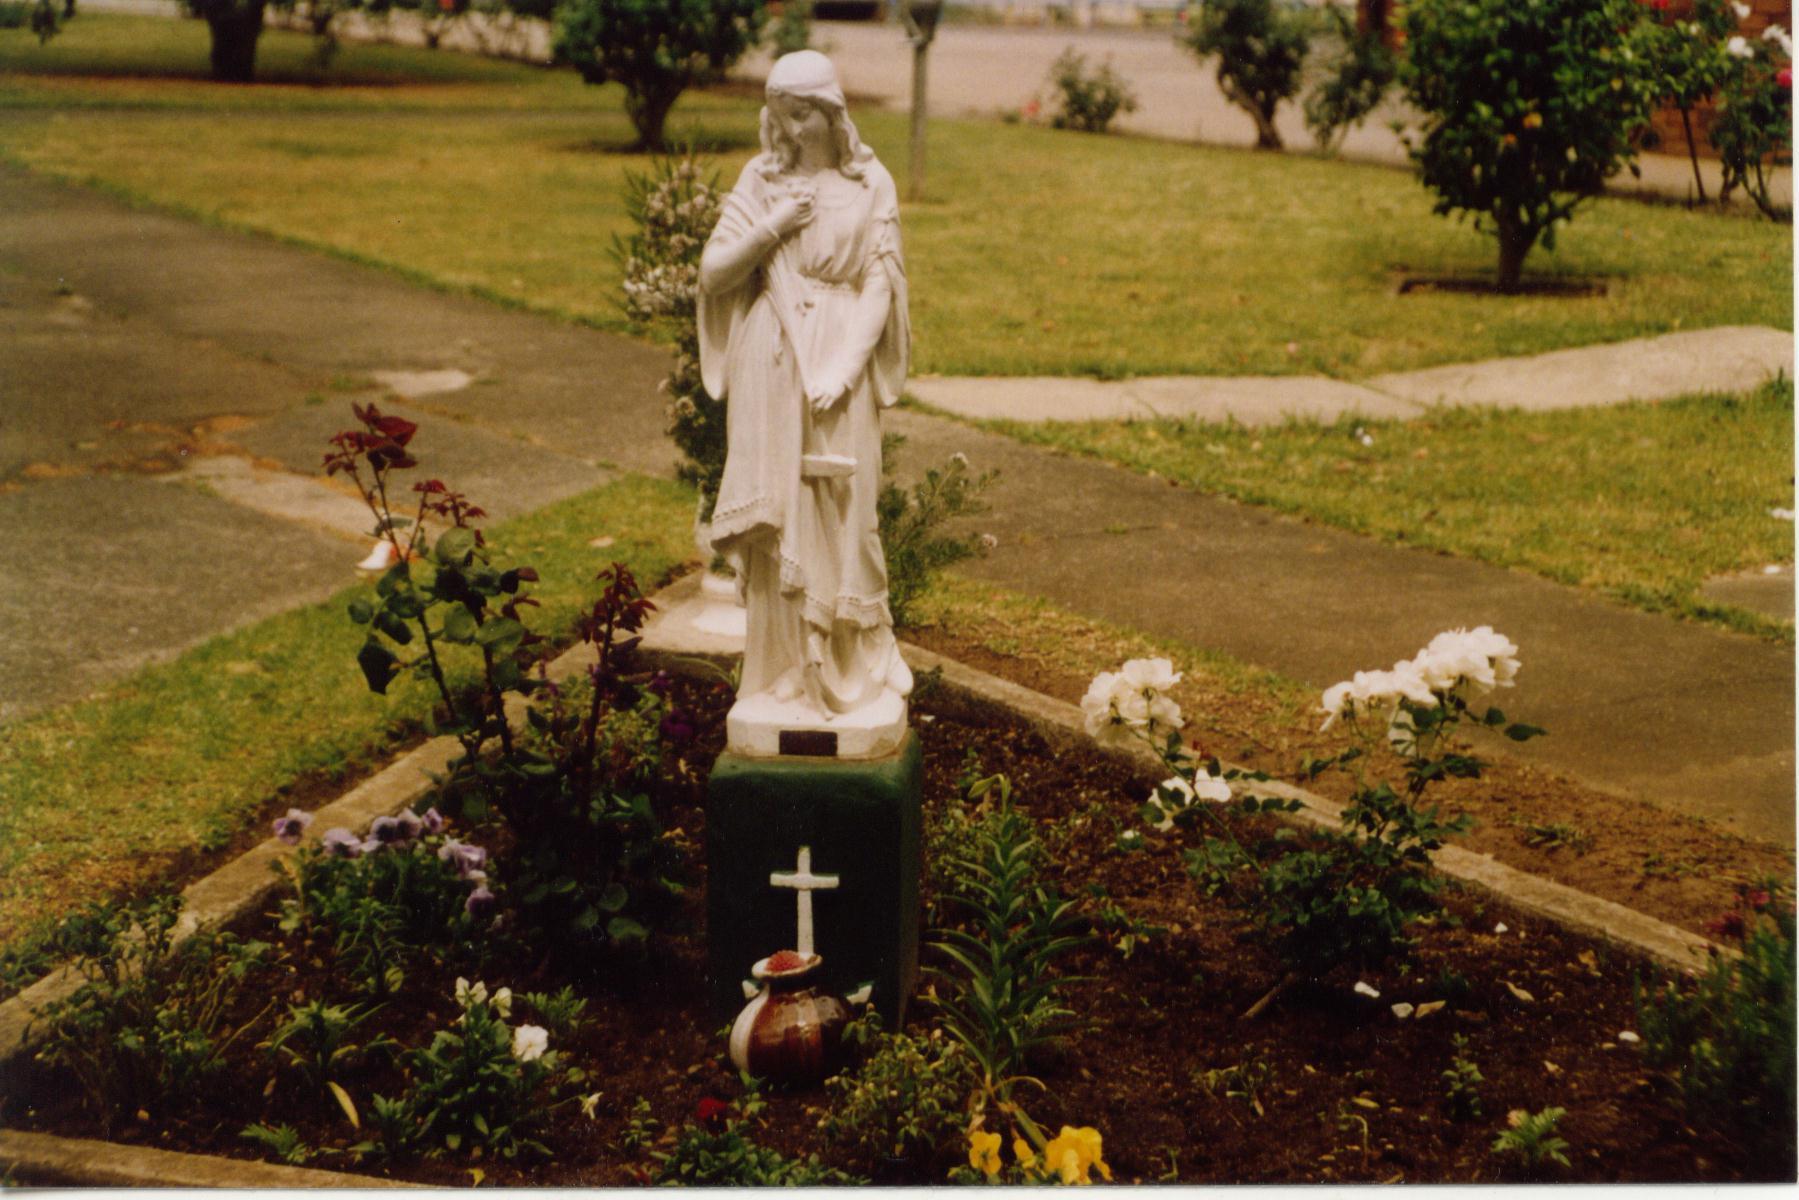 Concord statue